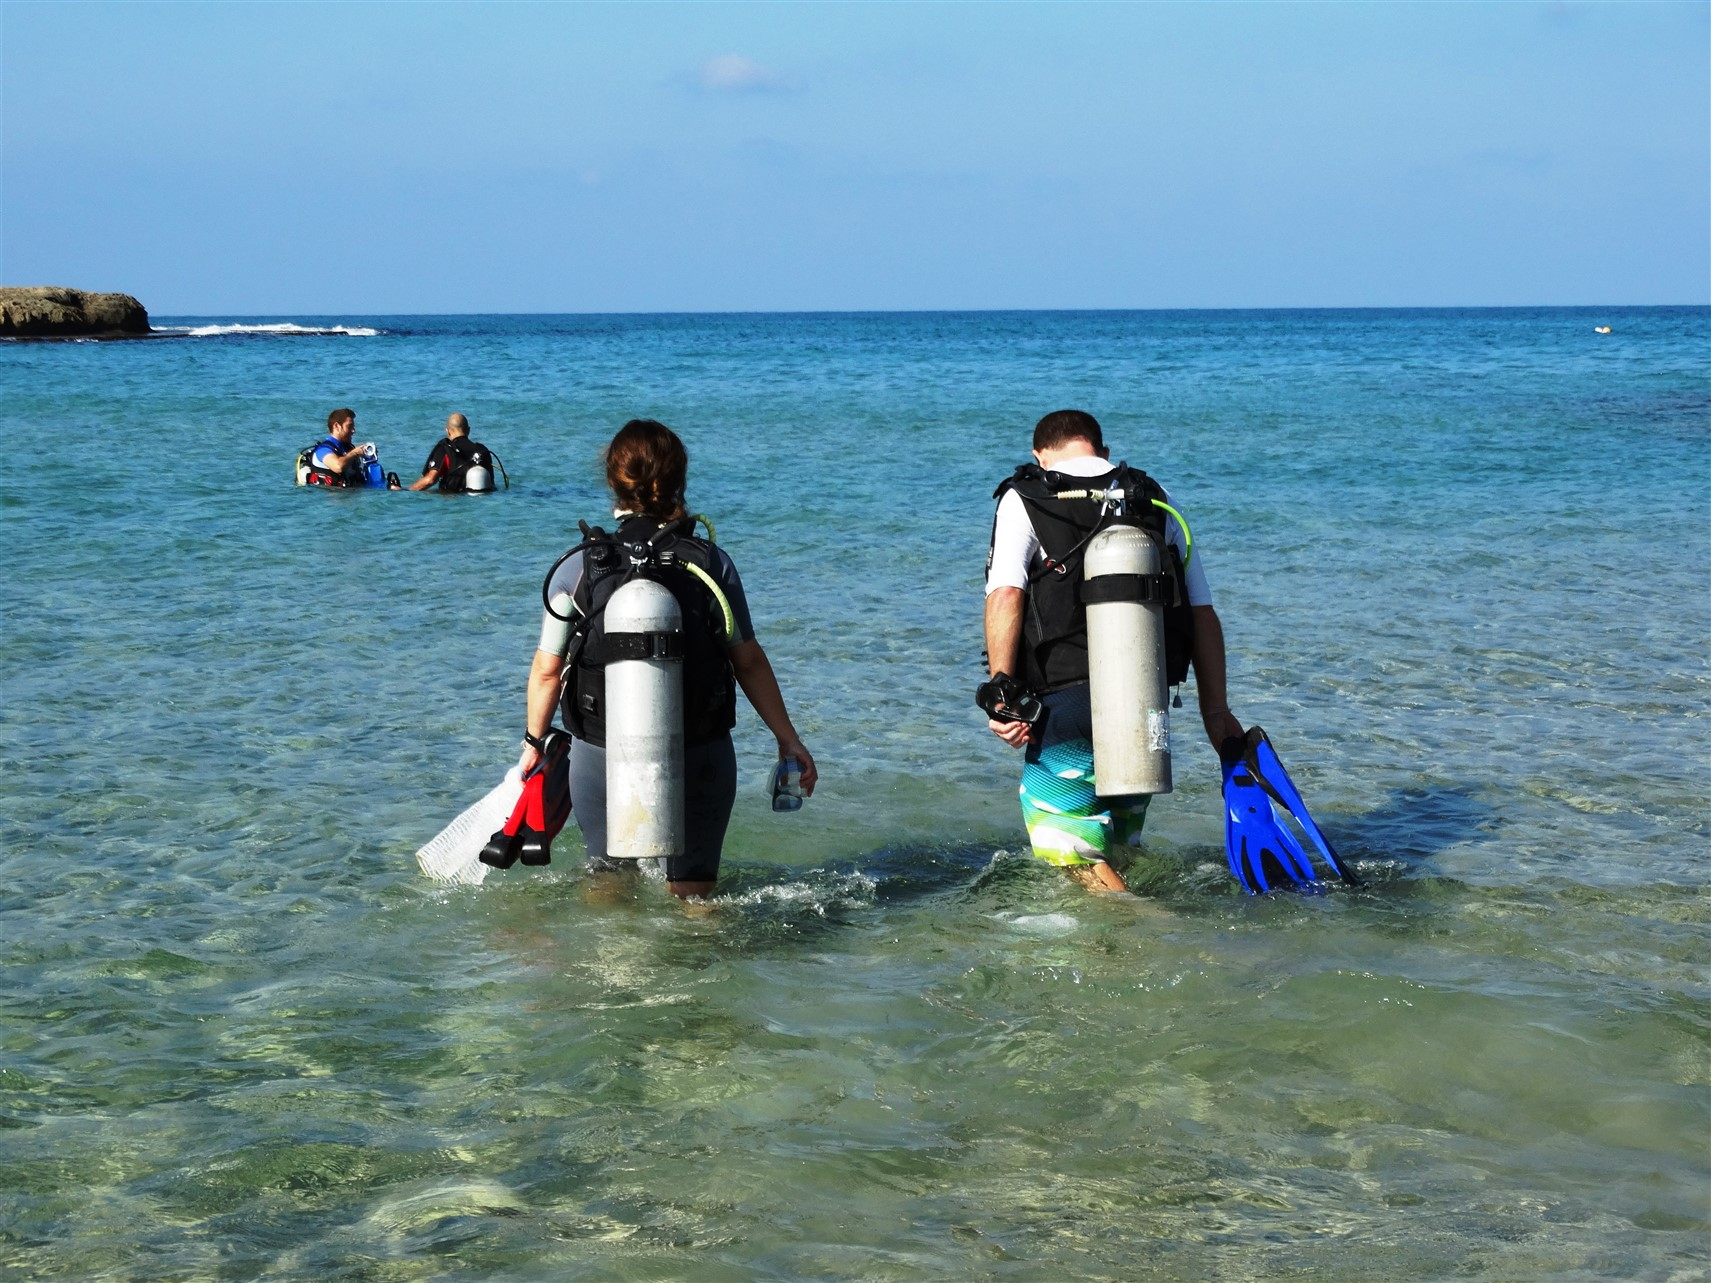 איףףףףף, כמה ג'יףףףףף. קואליציית אנשי הים התיכון בפעולת ניקוי (צילום: דב גרינבלט, החברה להגנת הטבע)